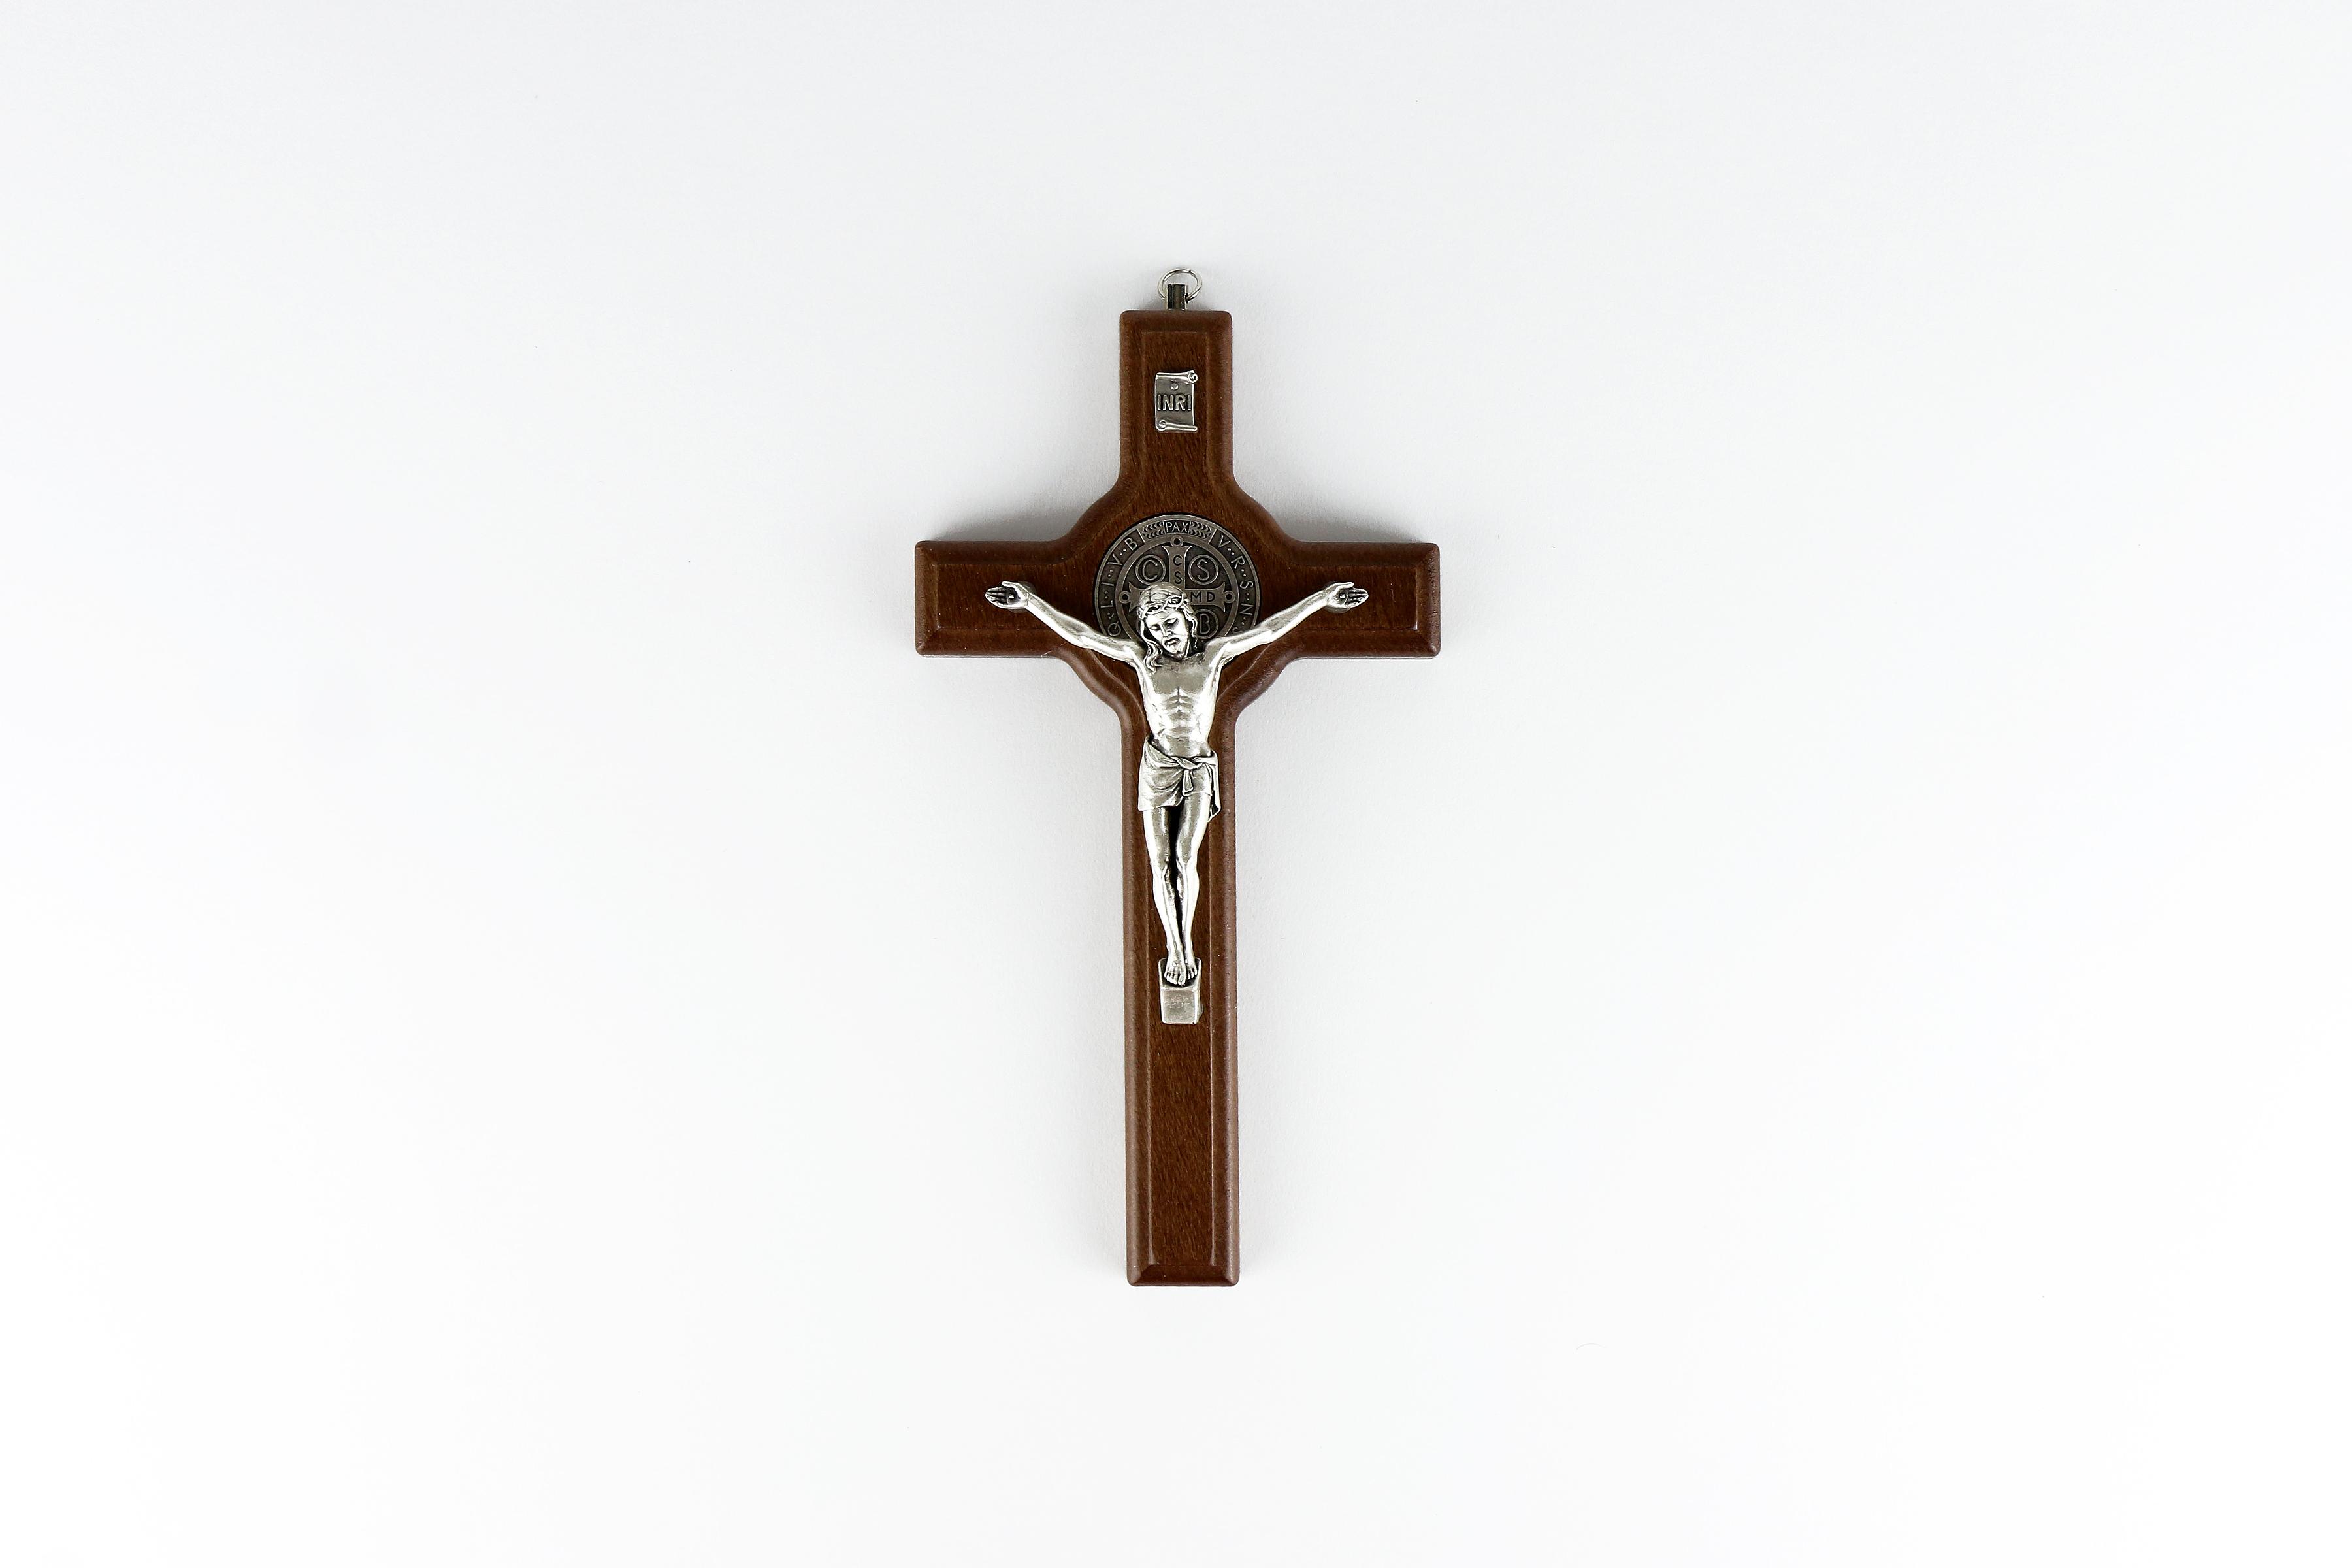 Crucifix mural de saint Benoît en bois foncé / Wooden crucifix of Saint Benedict